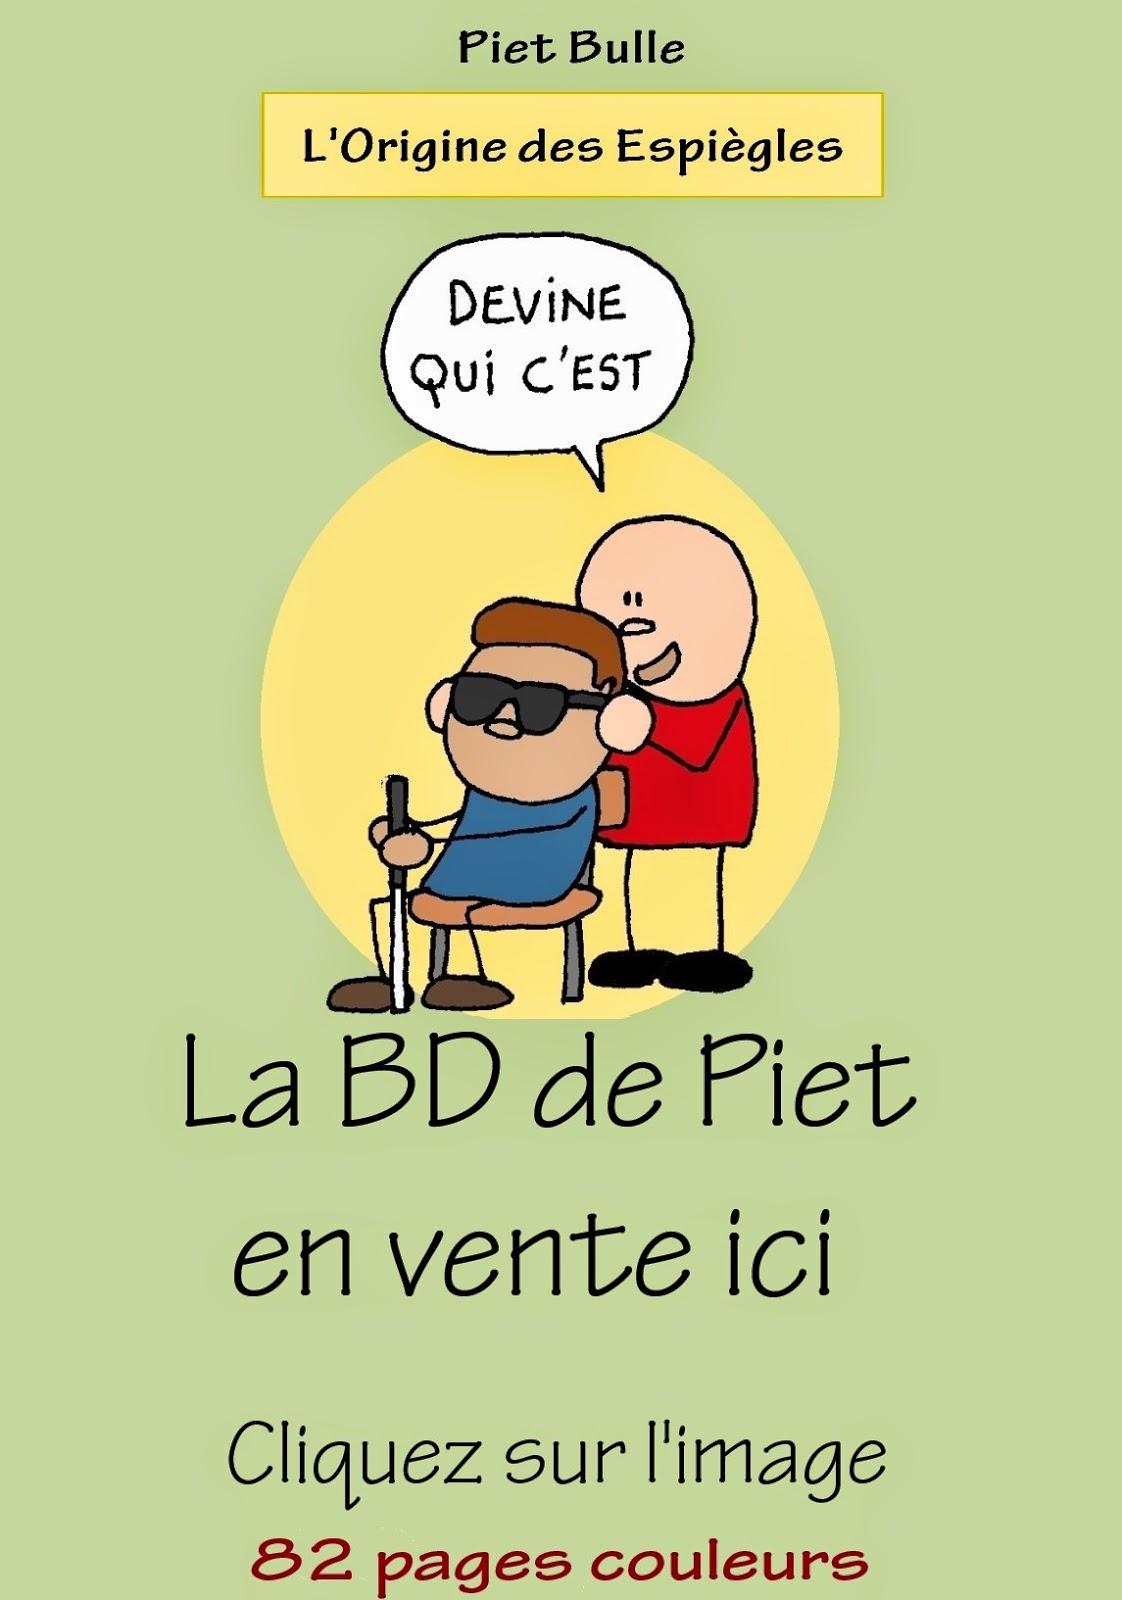 http://www.thebookedition.com/piet-bulle-l-origine-des-espiegles-p-104688.html